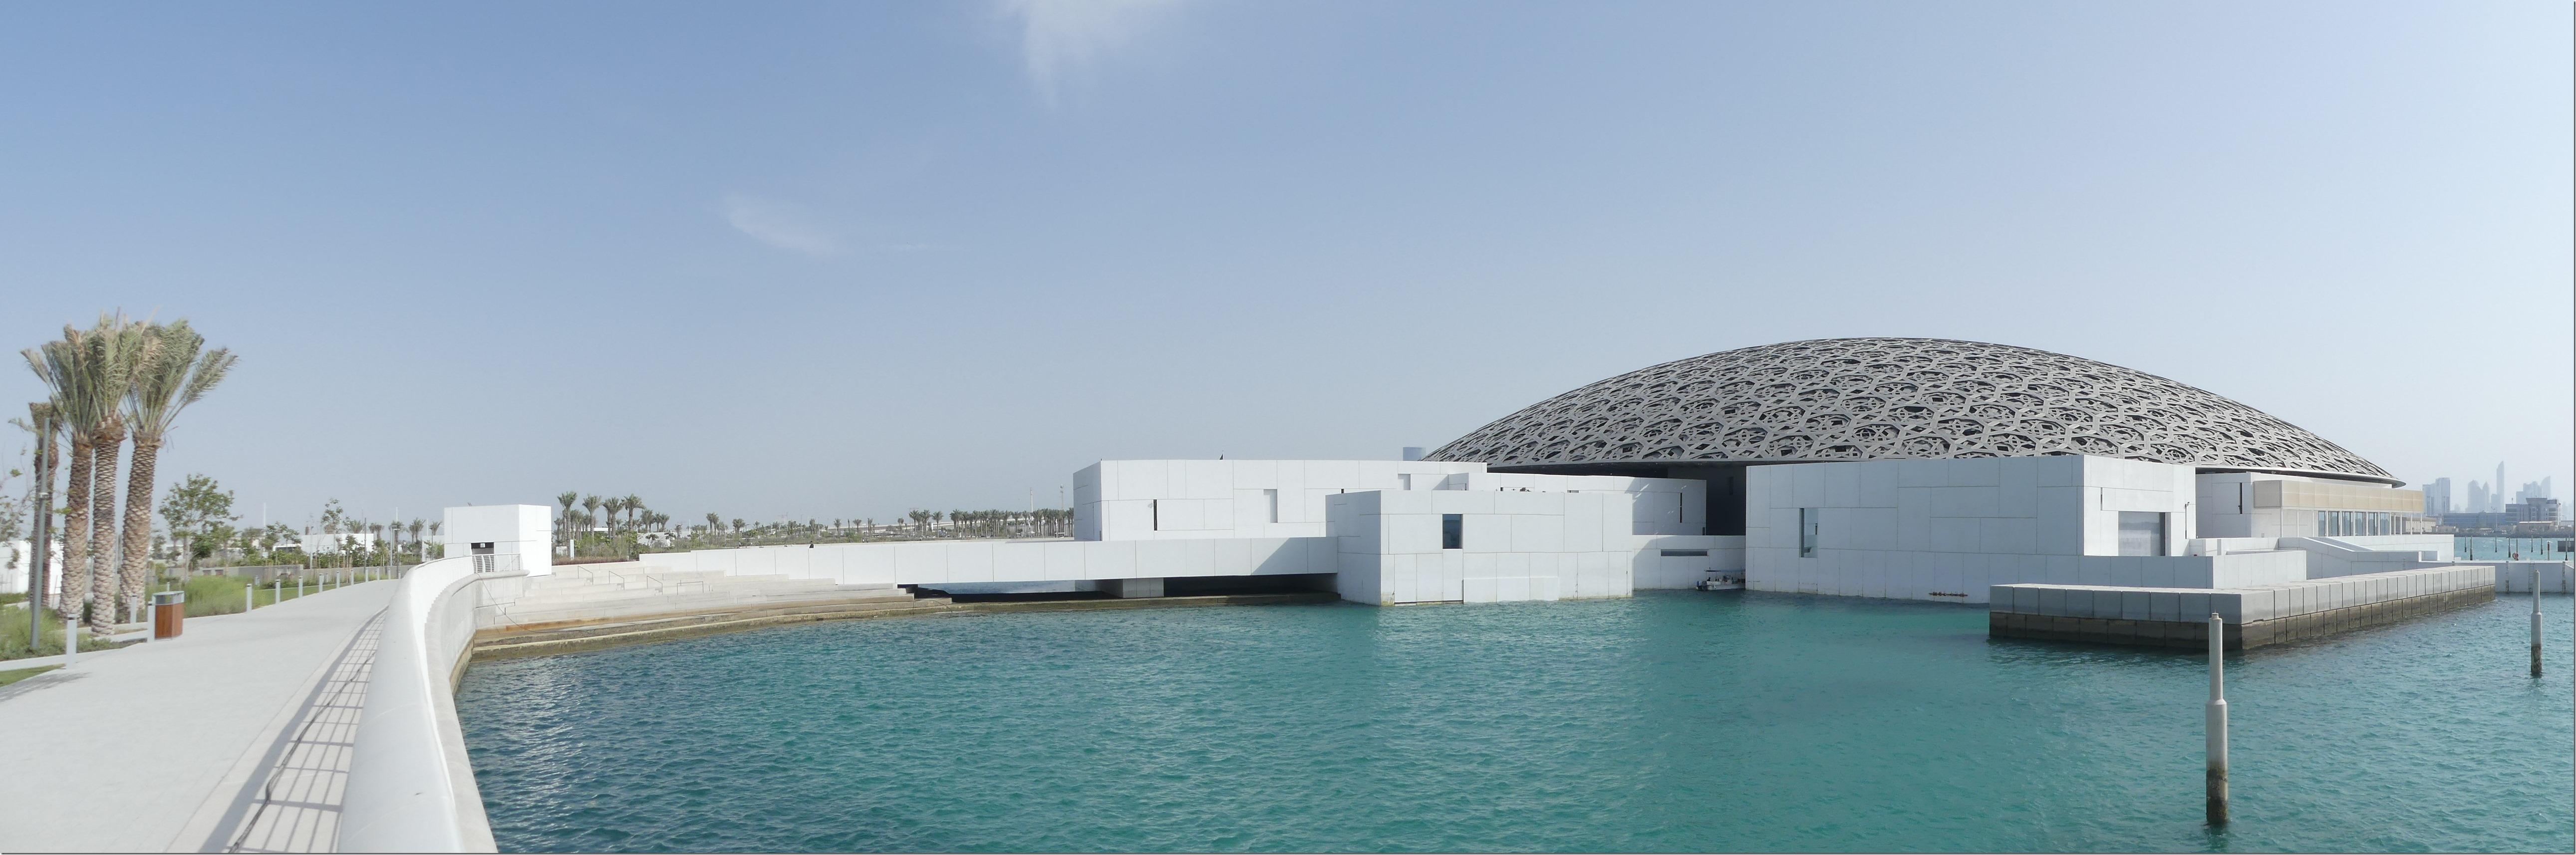 Abu Dhabi - Musée du Louvre (29)